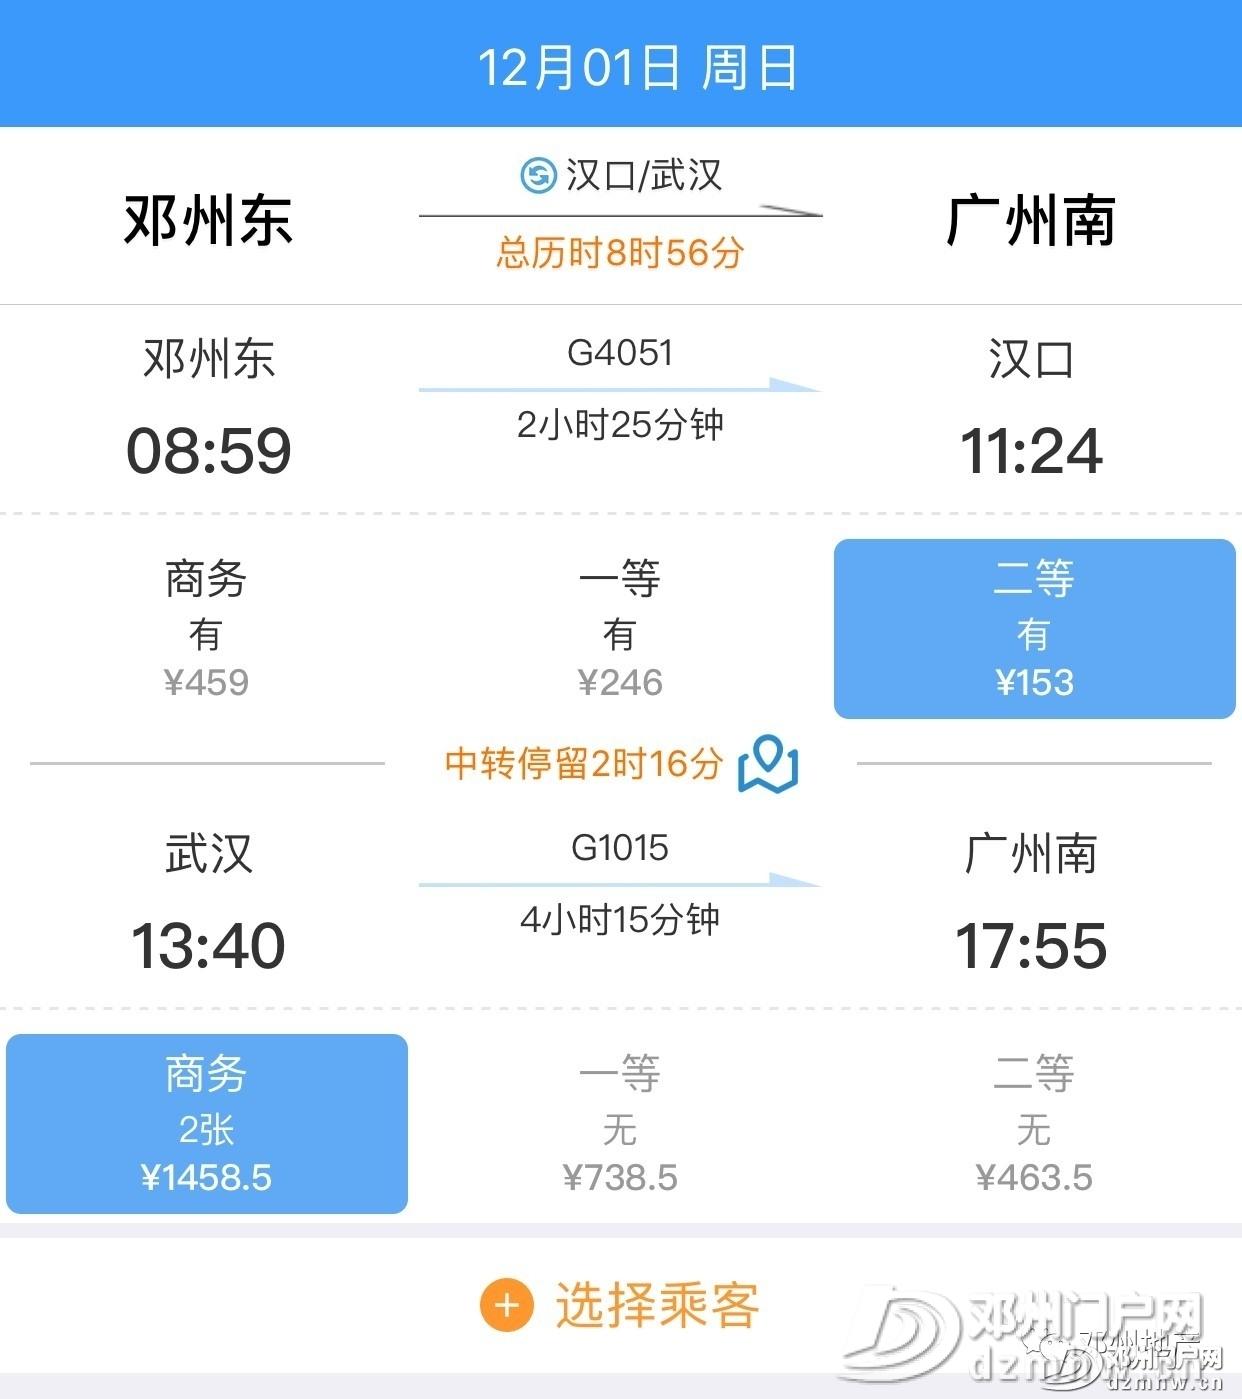 邓州高铁通往北上广深杭津成等城市票价和时刻表来了 - 邓州门户网 邓州网 - c6cb1f6f57646069b2ecb099c86eed37.jpg